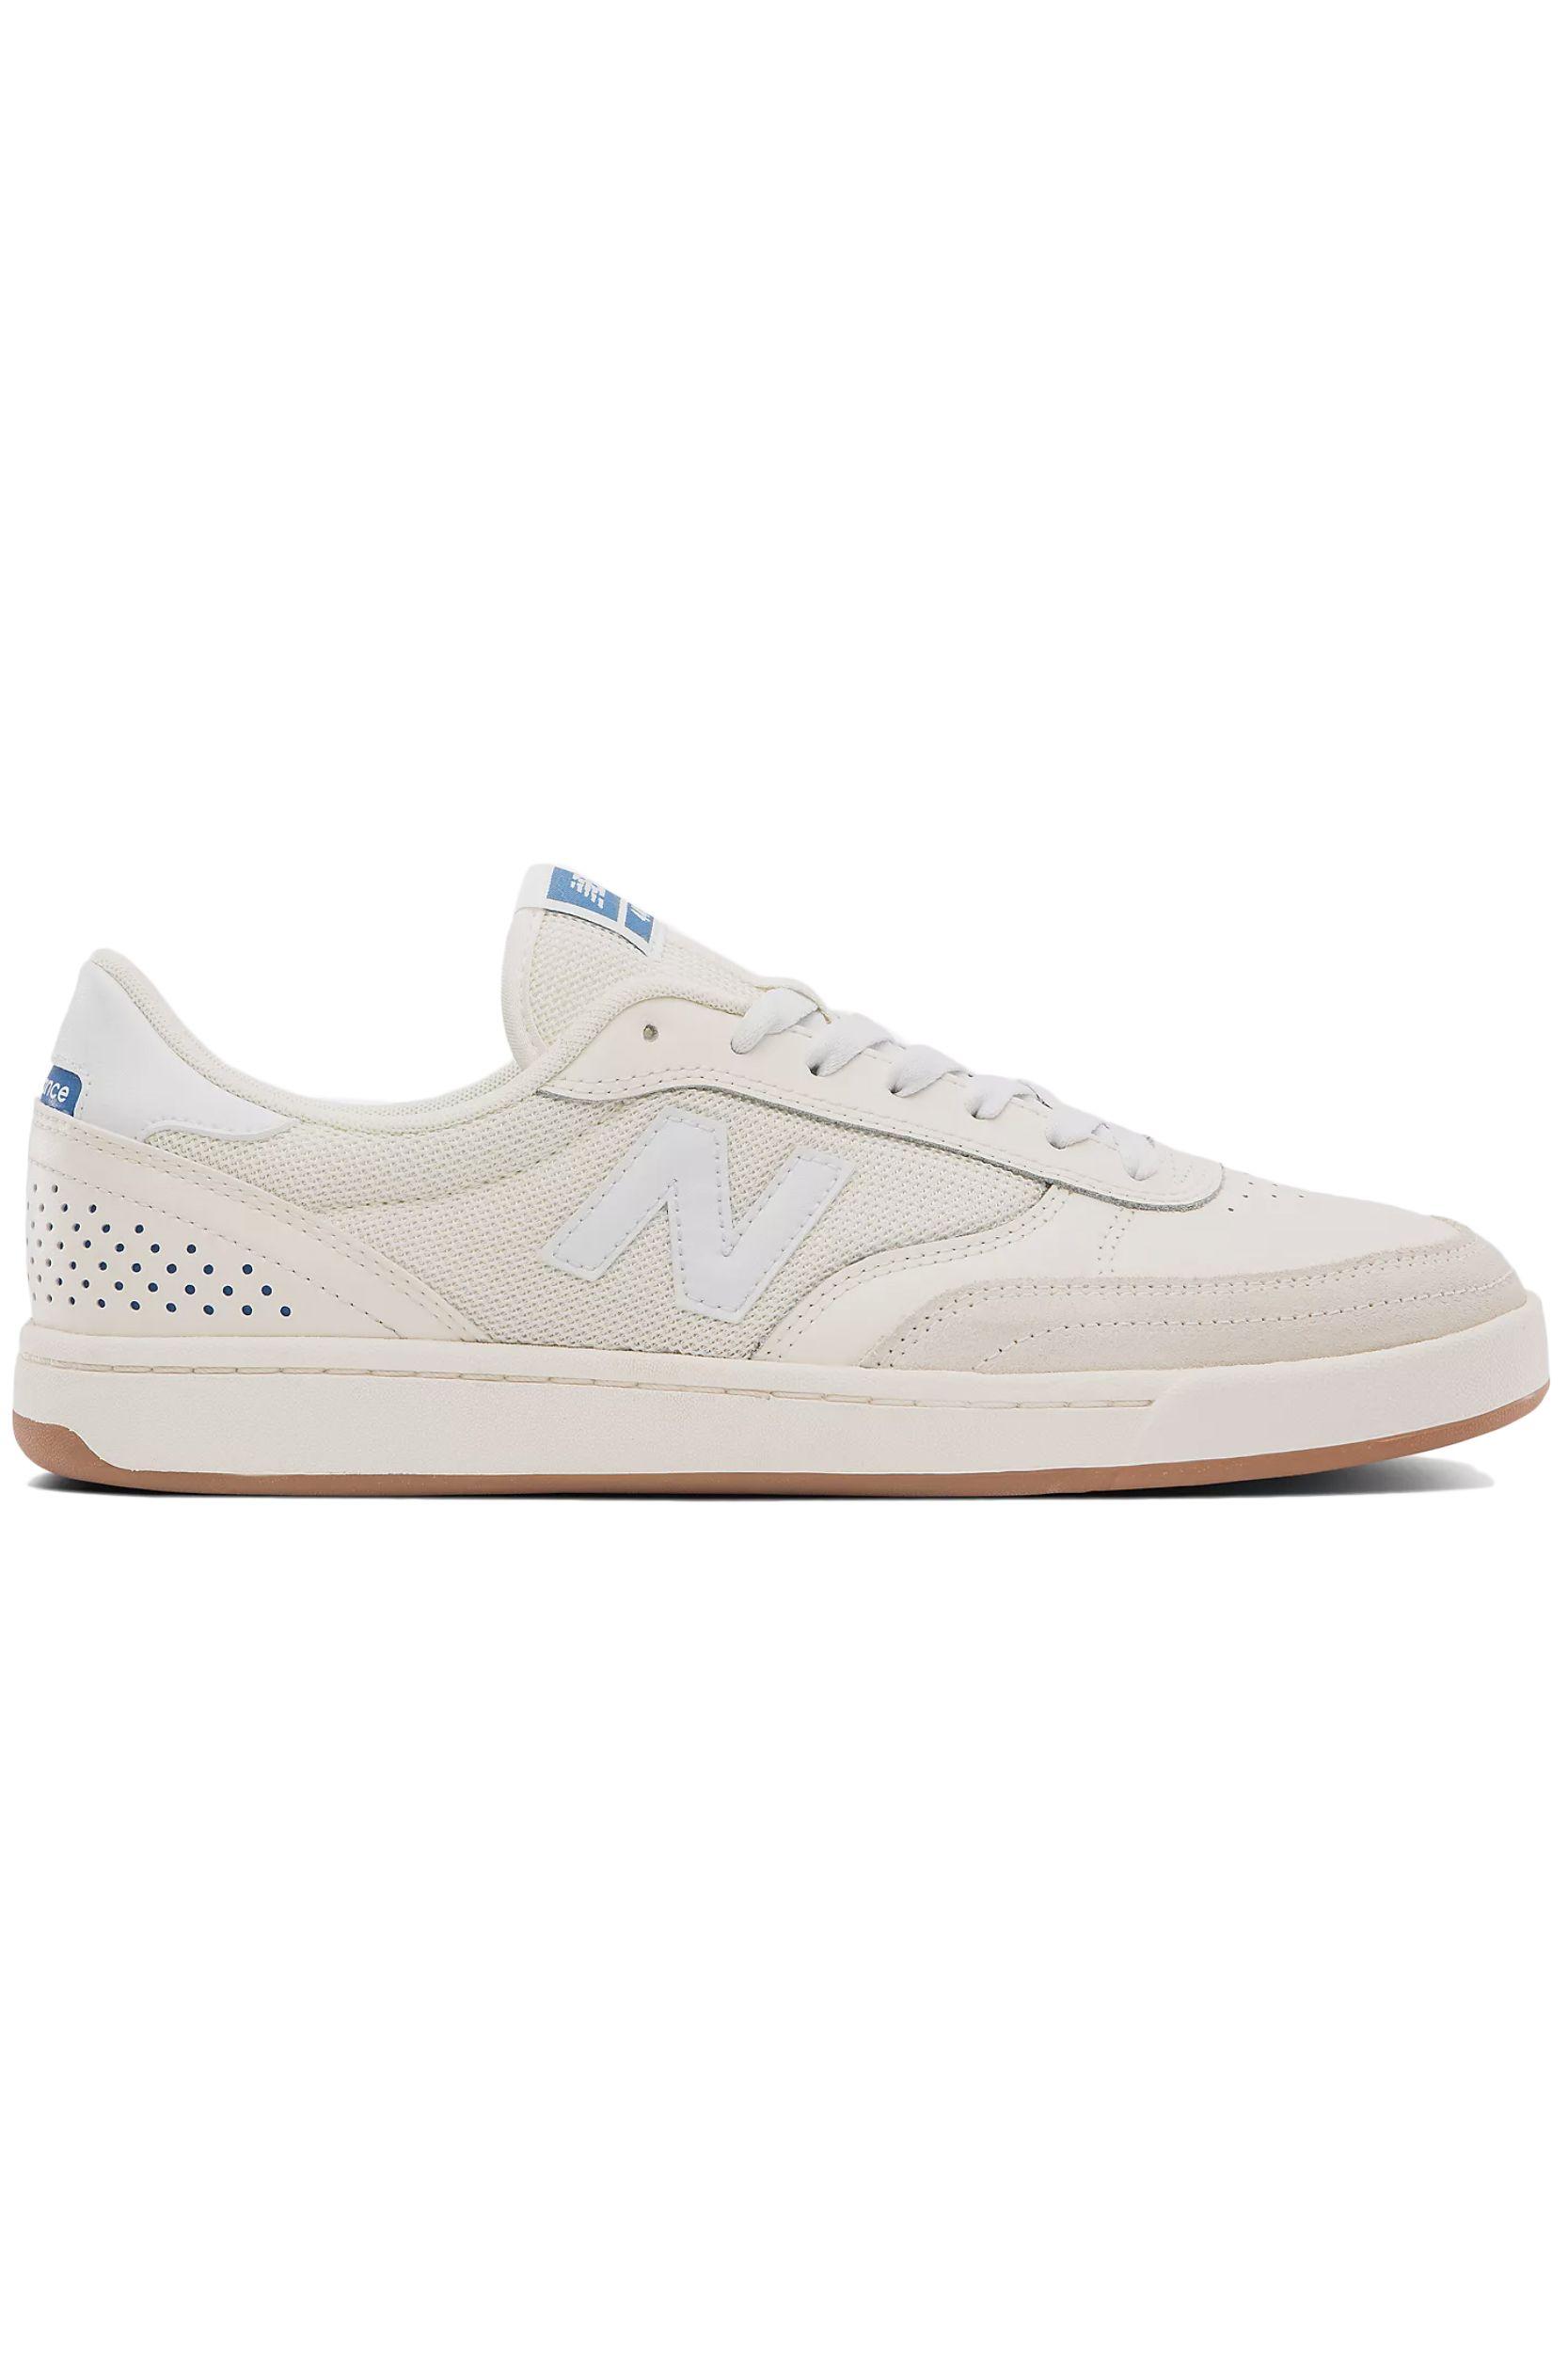 Tenis New Balance NM440 White